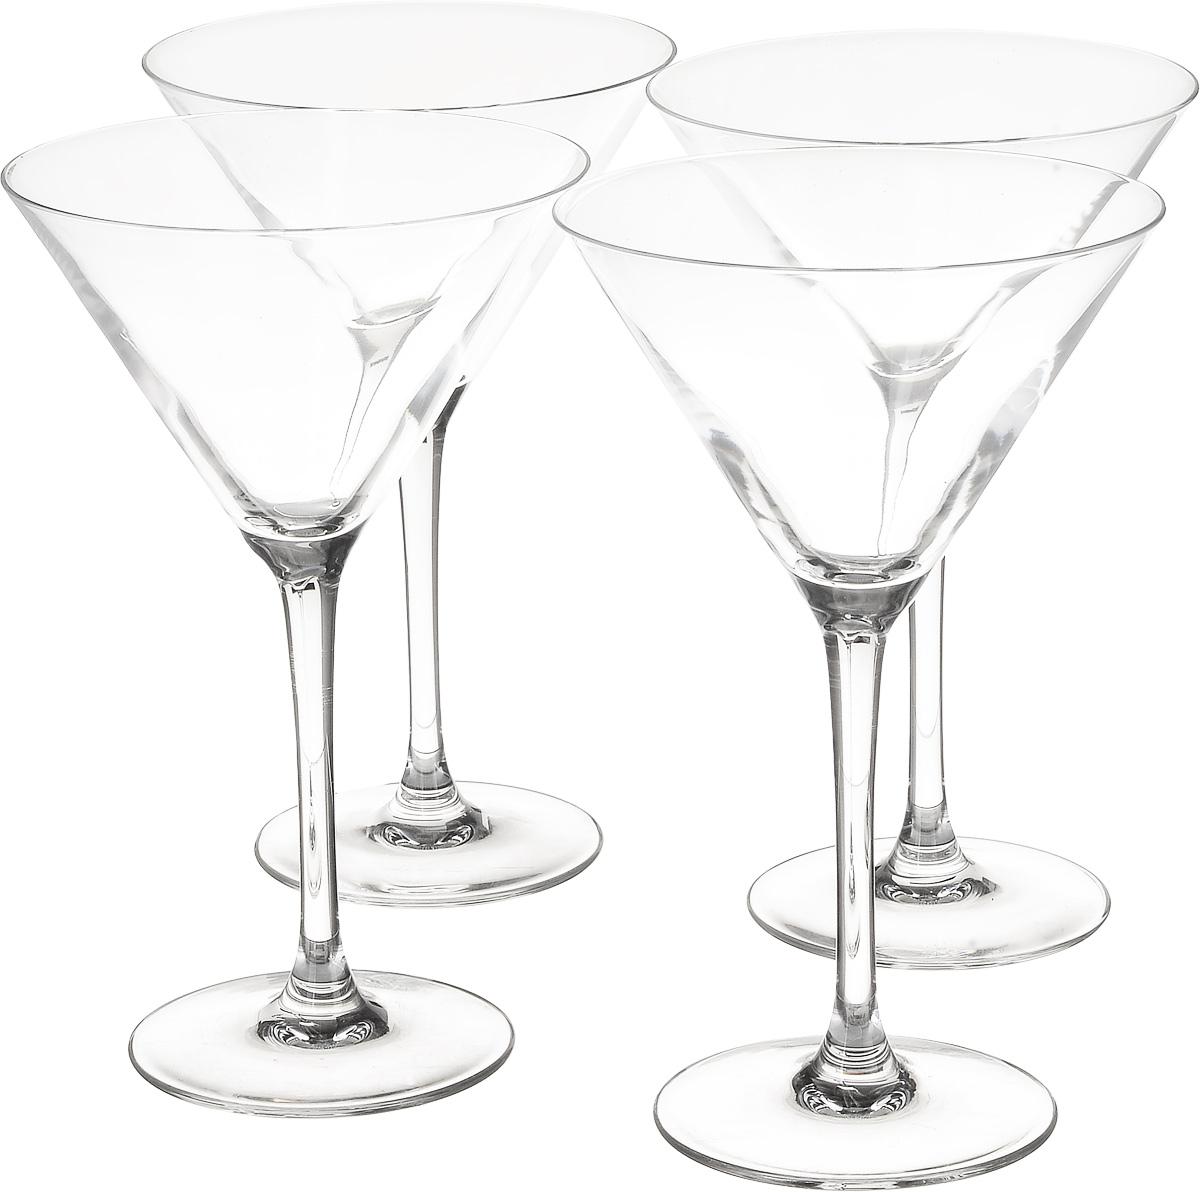 Набор бокалов для коктейля Luminarc World Cocktail, 300 мл, 4 штE9328Набор Luminarc World Cocktail, выполненный из высококачественного стекла, состоит из 4 бокалов на тонкой ножке. Бокалы предназначены для подачи коктейлей.Допускается мытье в посудомоечной машине. Стекло выдерживает резкий перепад температур до 135°С.Диаметр бокала (по верхнему краю): 12 см. Высота бокала: 19 см.